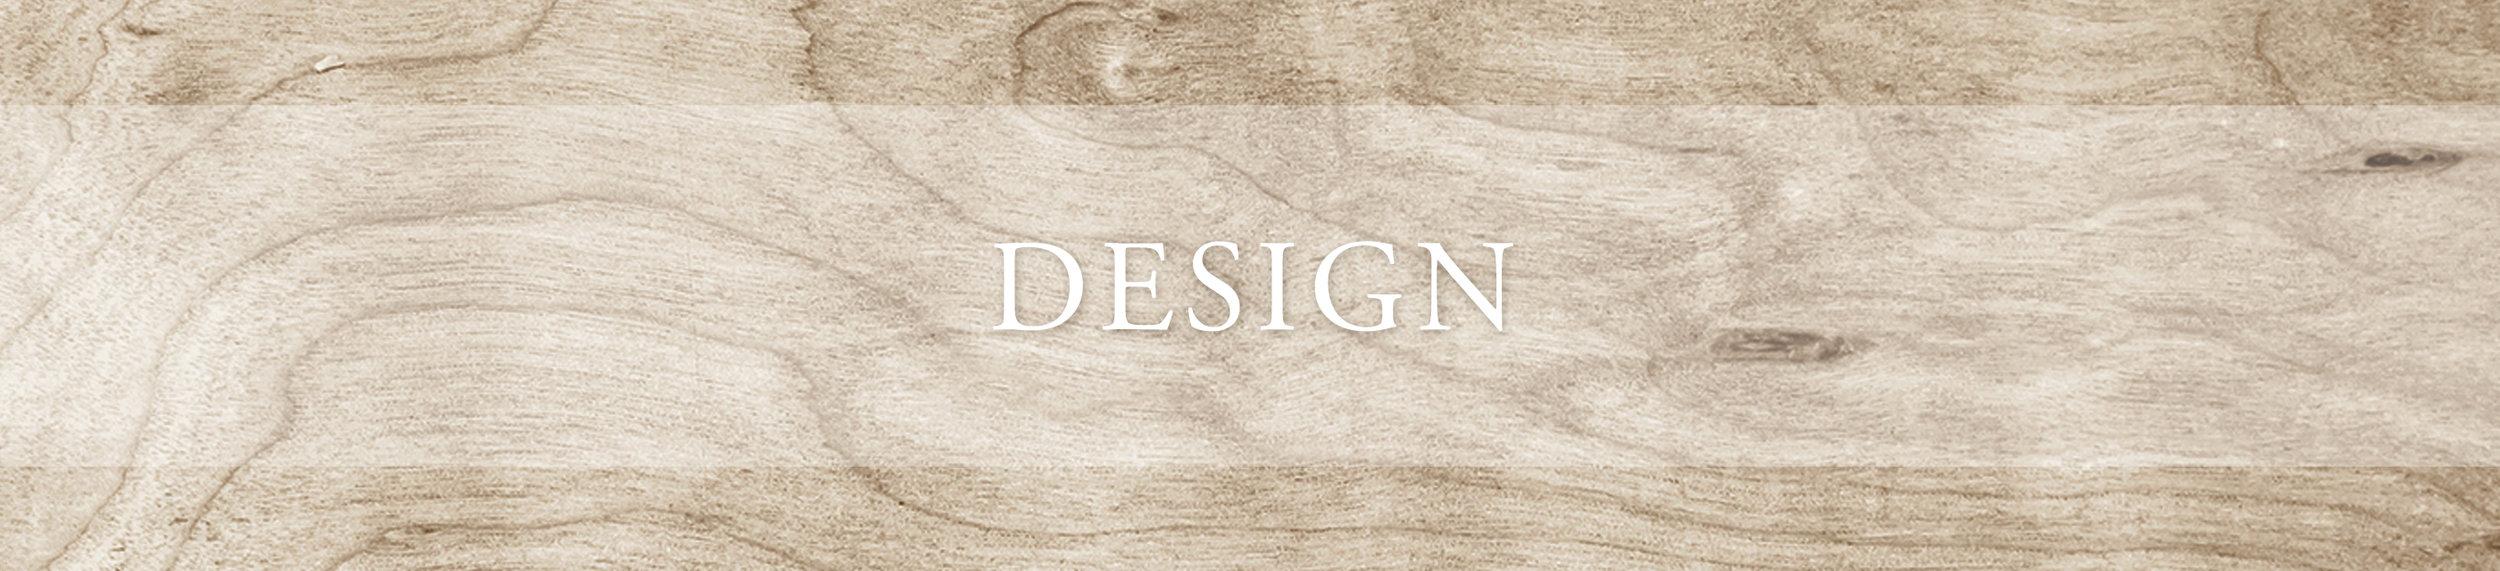 SSA_Product-Banner-Design.jpg